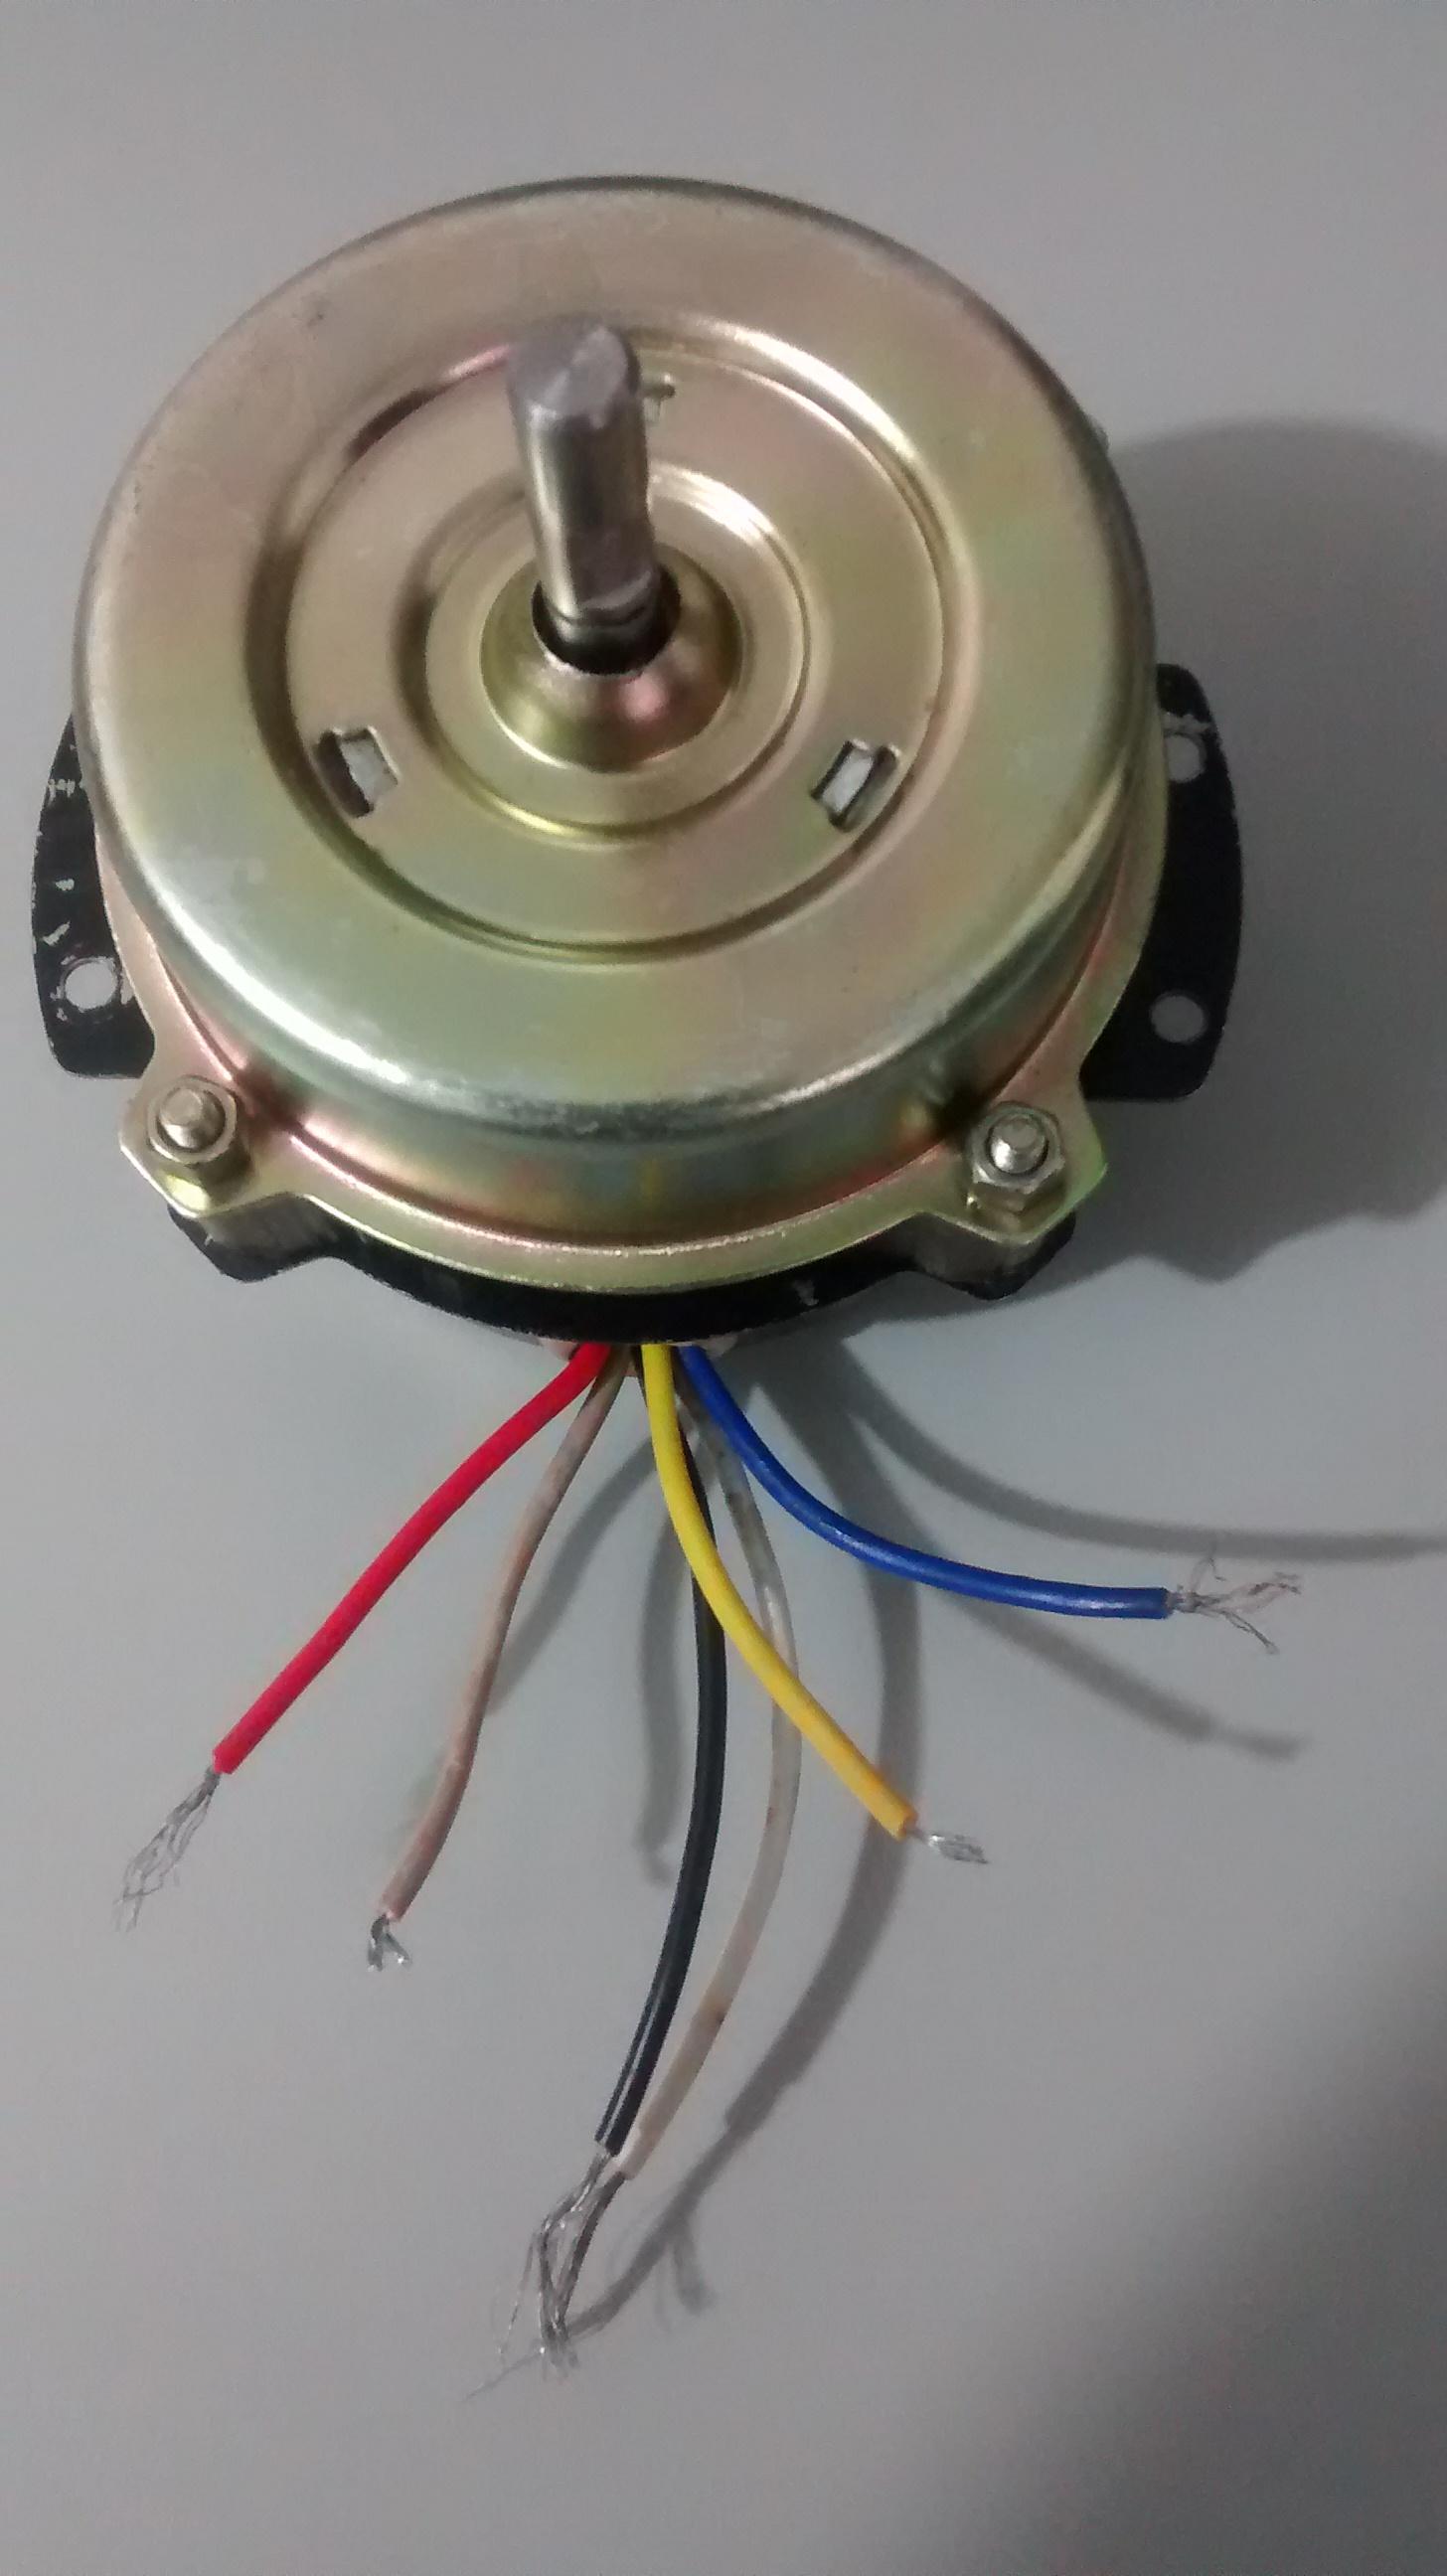 Pin yoreparo ventilador de techo instalar ventiladores on pinterest - Motores de ventiladores de techo ...